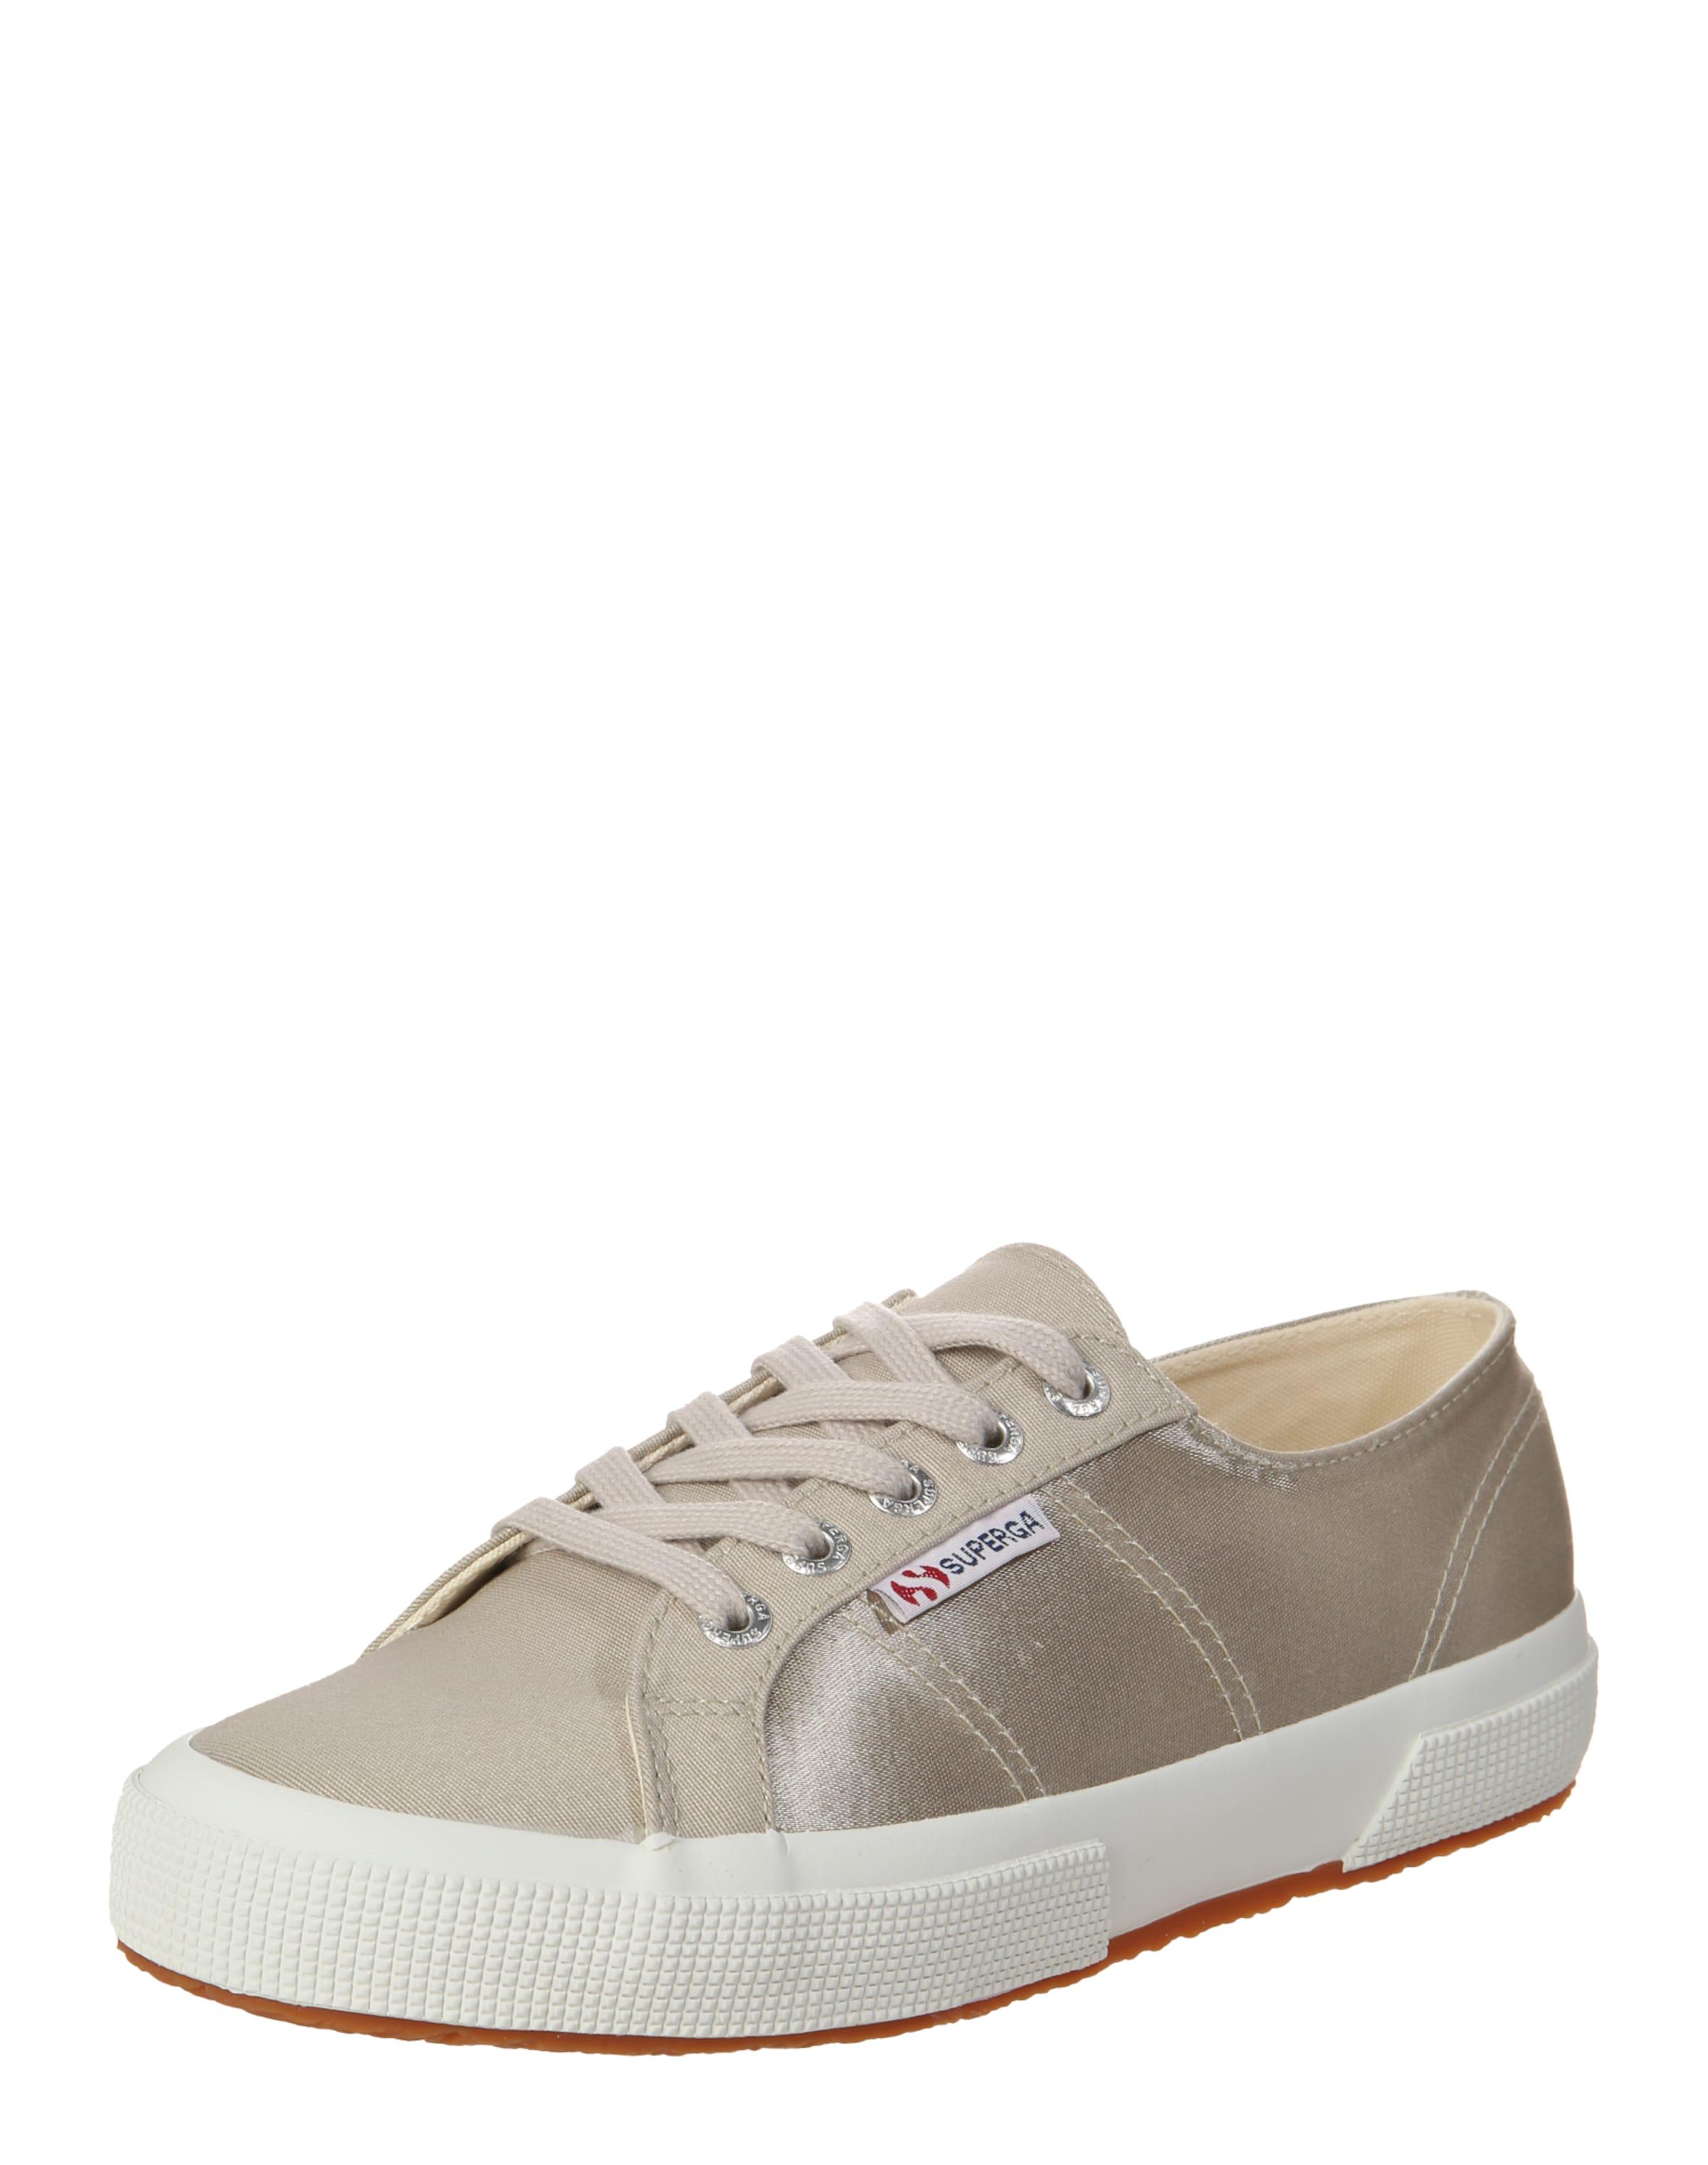 SUPERGA Satin-Sneaker Verschleißfeste billige Schuhe Hohe Qualität